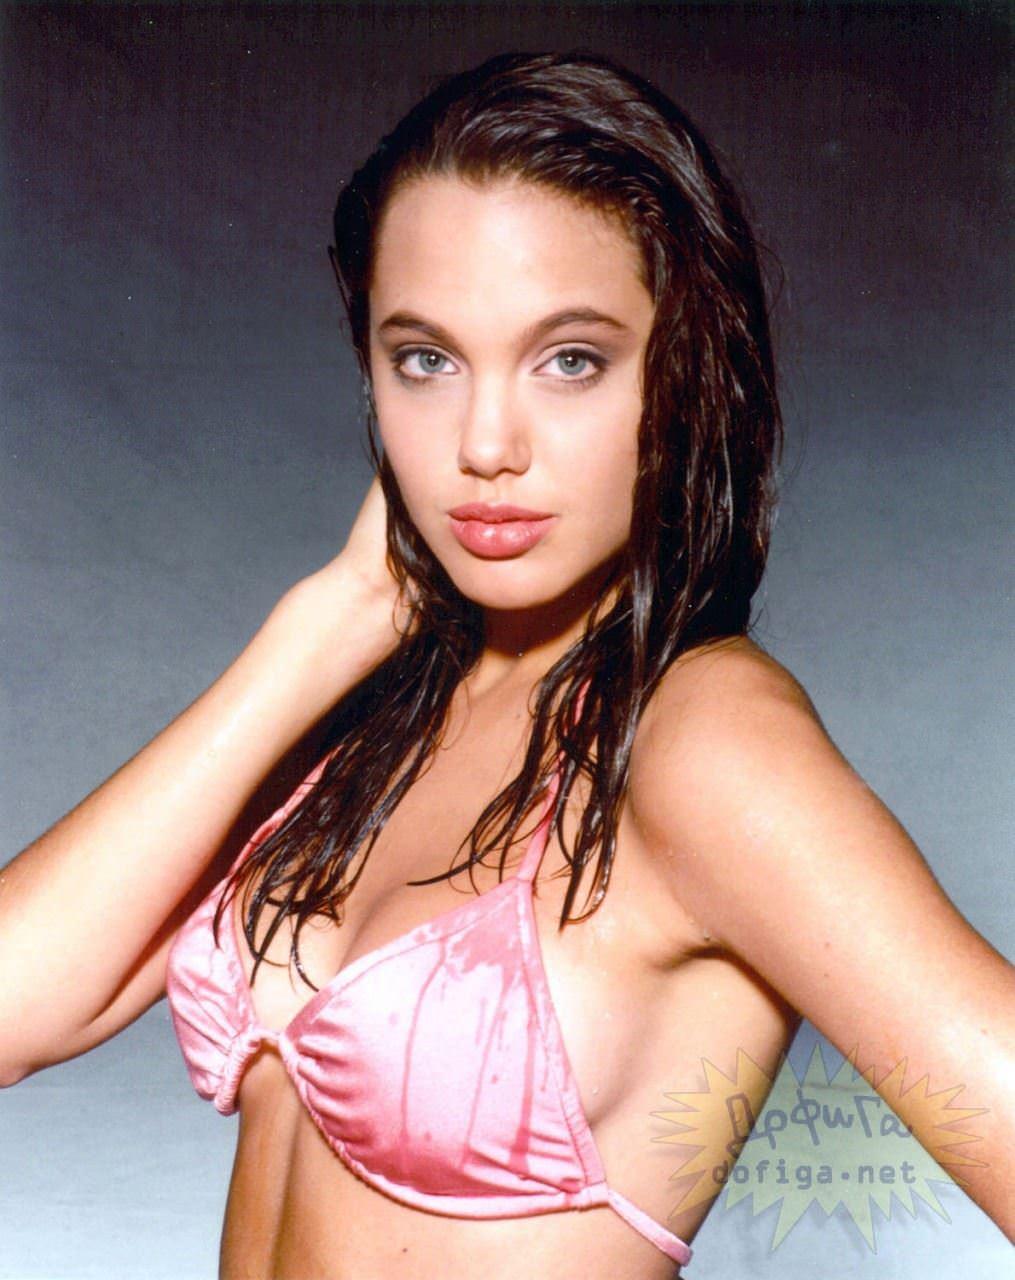 【外人】世界トップレベルの美女アンジェリーナ·ジョリー(Angelina Jolie)のポルノ画像 13173